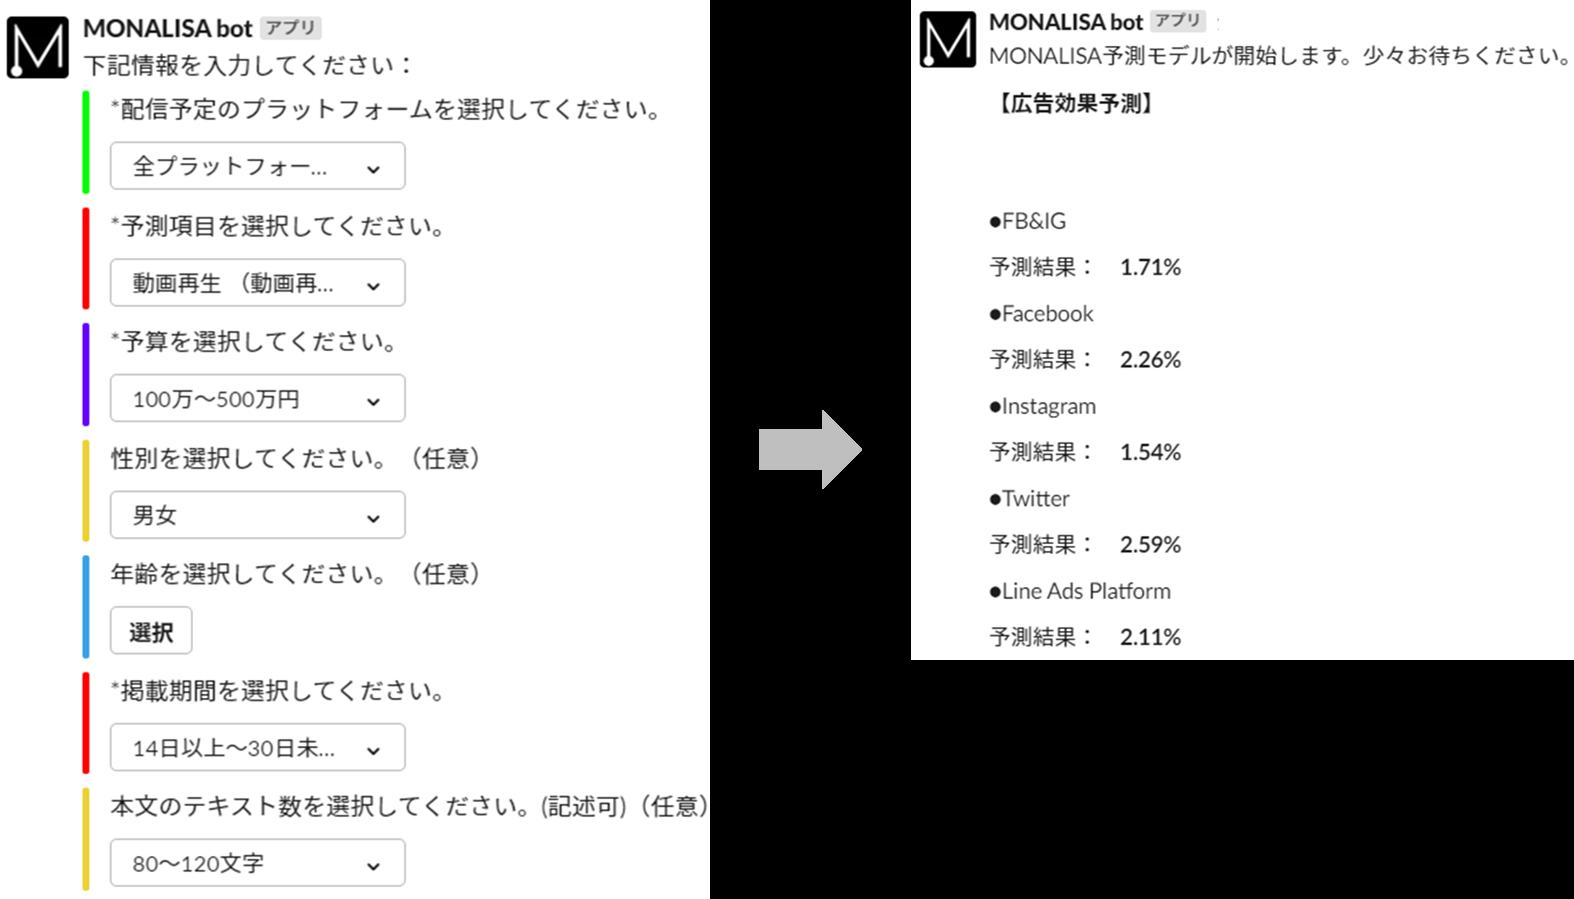 MONALISA2.0